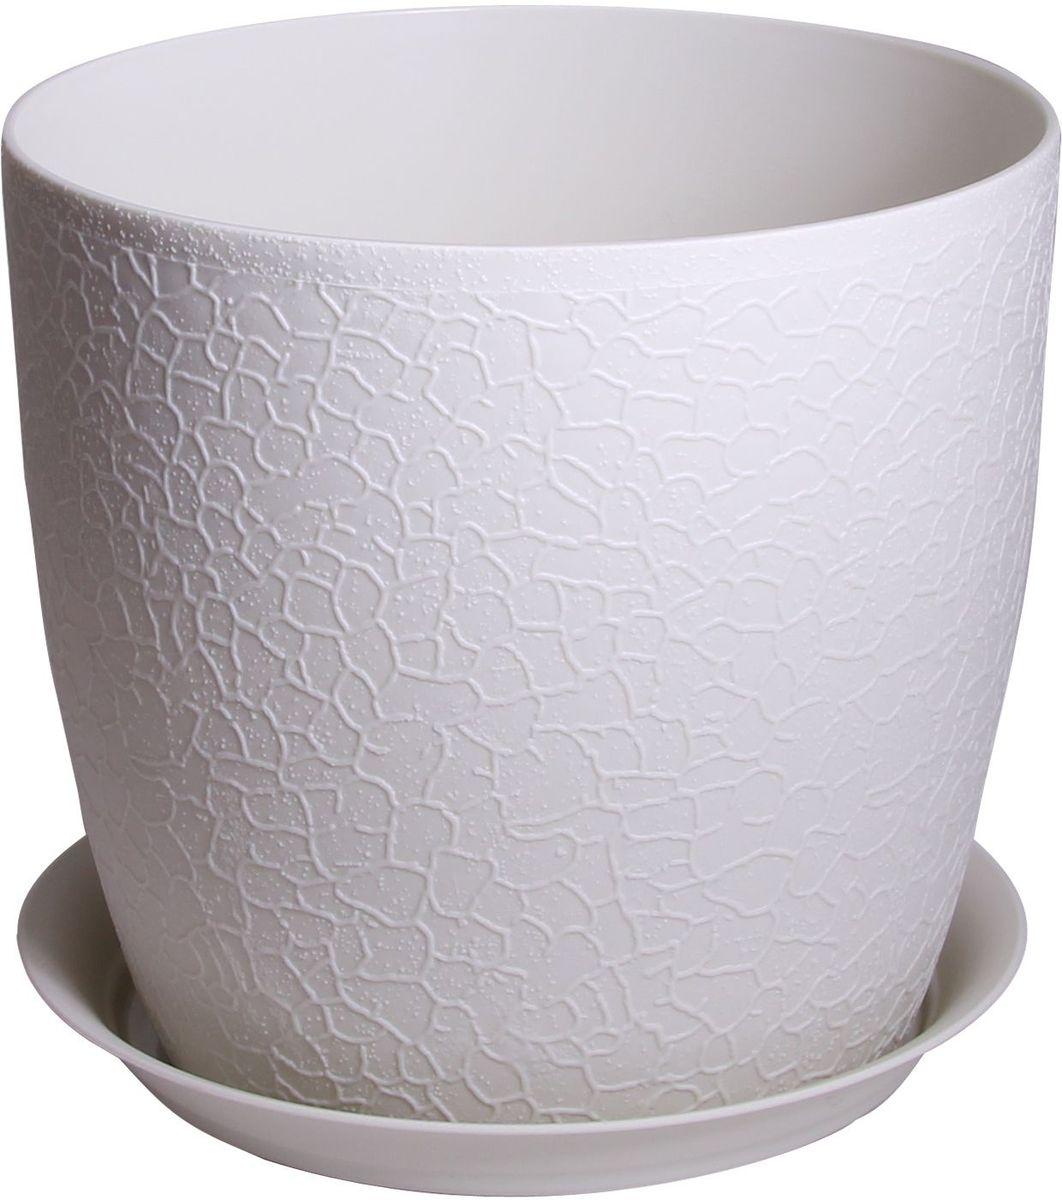 Кашпо Idea Верона, с подставкой, цвет: белый, диаметр 14 см1176400Кашпо Idea Верона изготовлено из полипропилена (пластика). Специальная подставка предназначена для стока воды. Изделие прекрасно подходит для выращивания растений и цветов в домашних условиях.Диаметр кашпо: 14 см.Высота кашпо: 12,6 см.